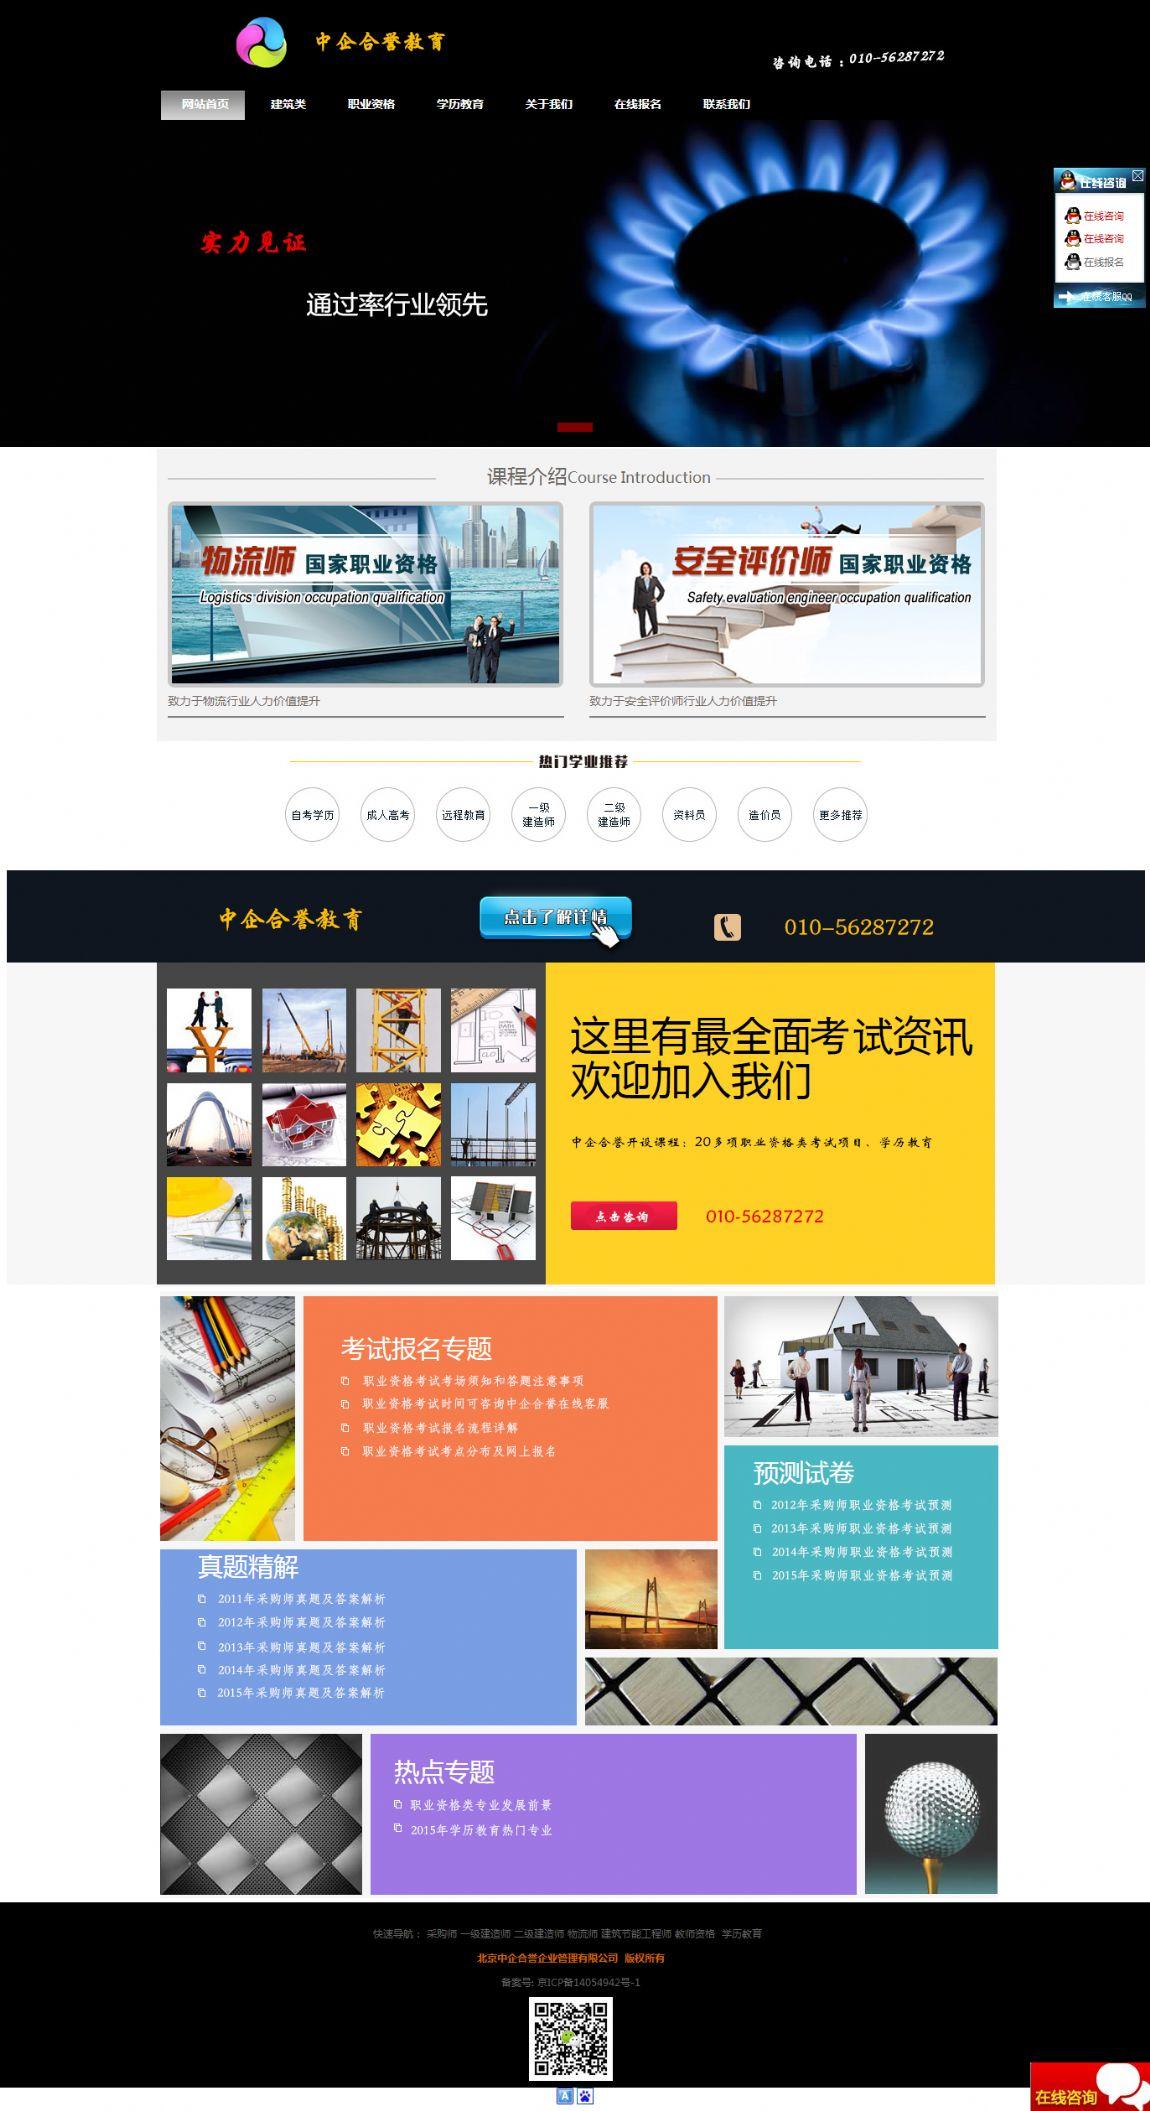 中企合誉教育-官方首页